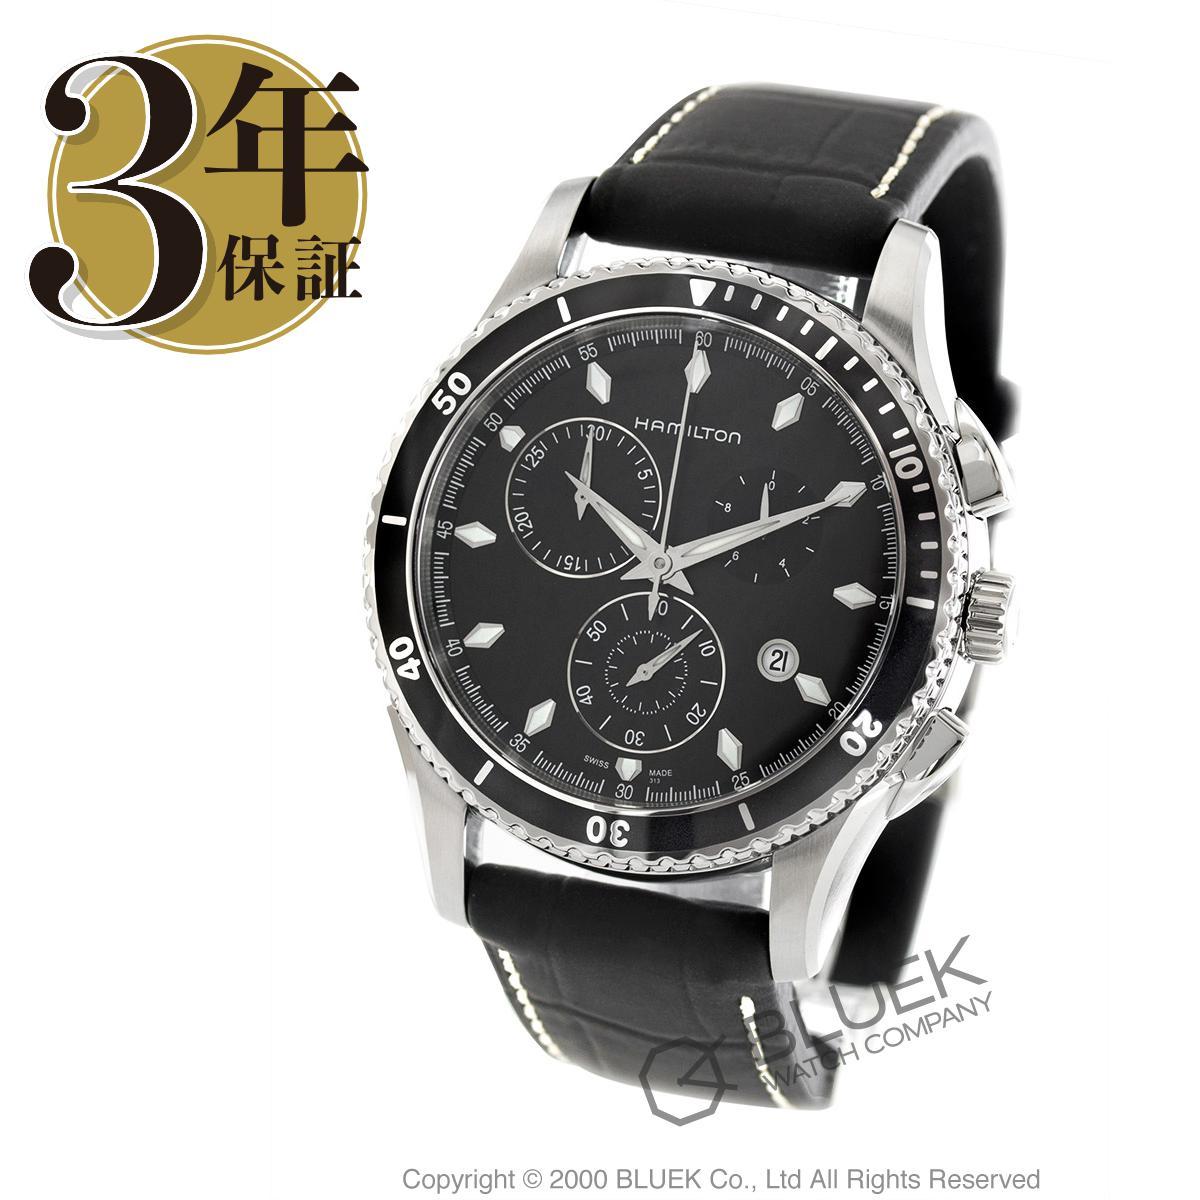 【1,000円OFFクーポン対象】ハミルトン ジャズマスター シービュー クロノグラフ 腕時計 メンズ HAMILTON H37512731_8